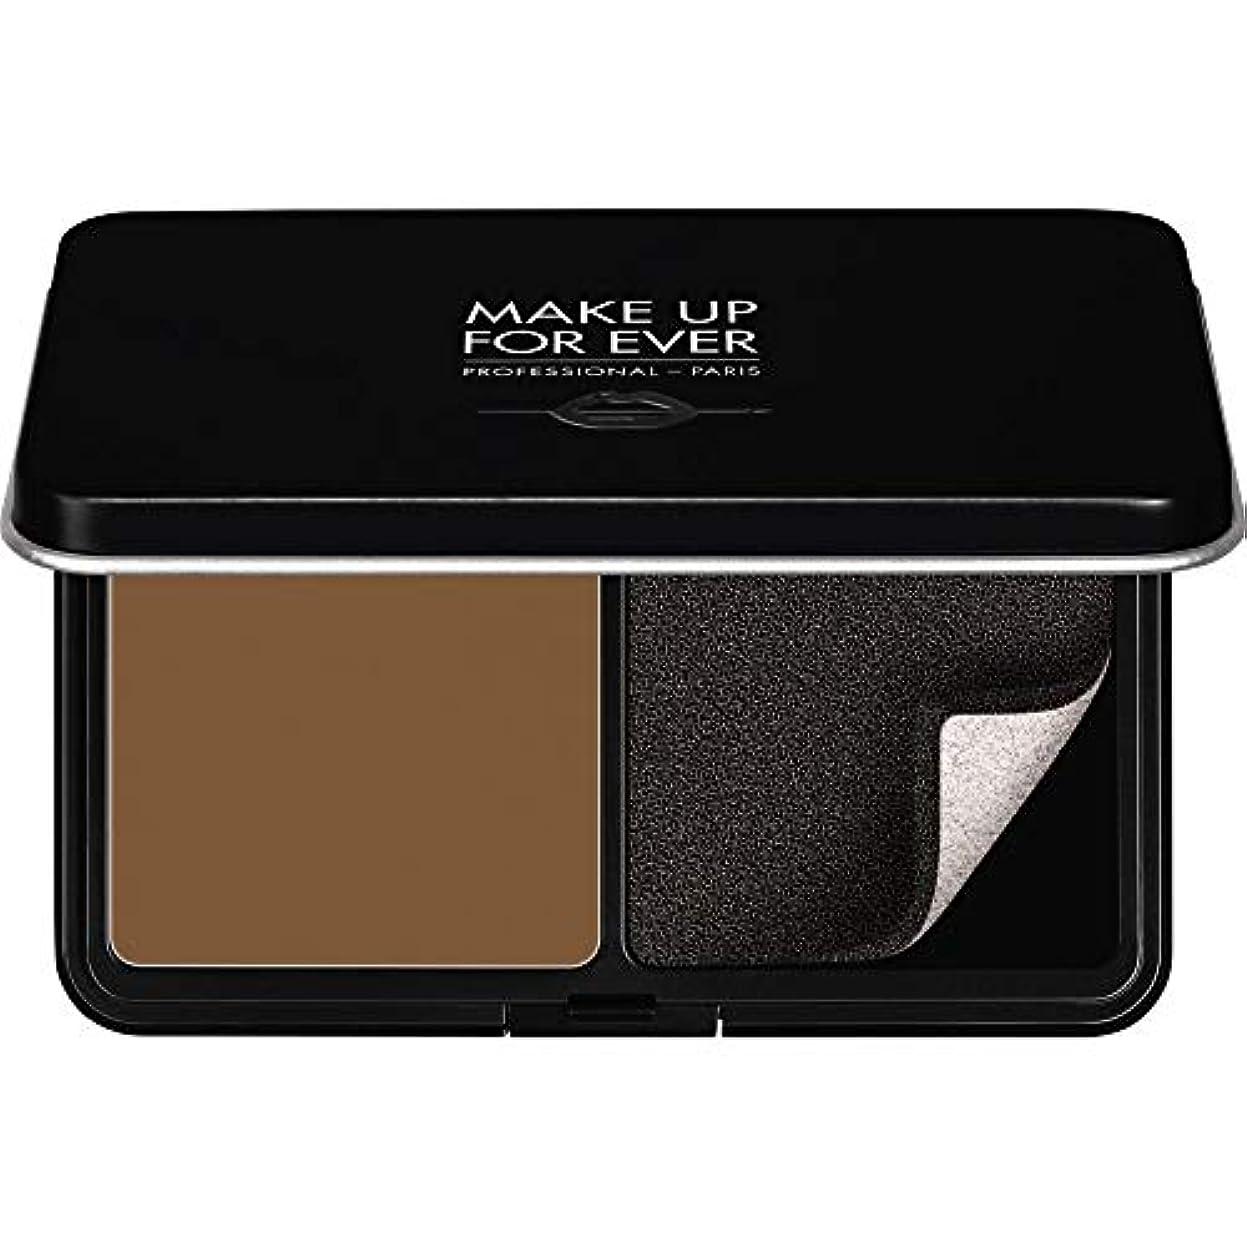 本物の資本批評[MAKE UP FOR EVER] パウダーファンデーション11GののR540をぼかし、これまでマットベルベットの肌を補う - ダークブラウン - MAKE UP FOR EVER Matte Velvet Skin...